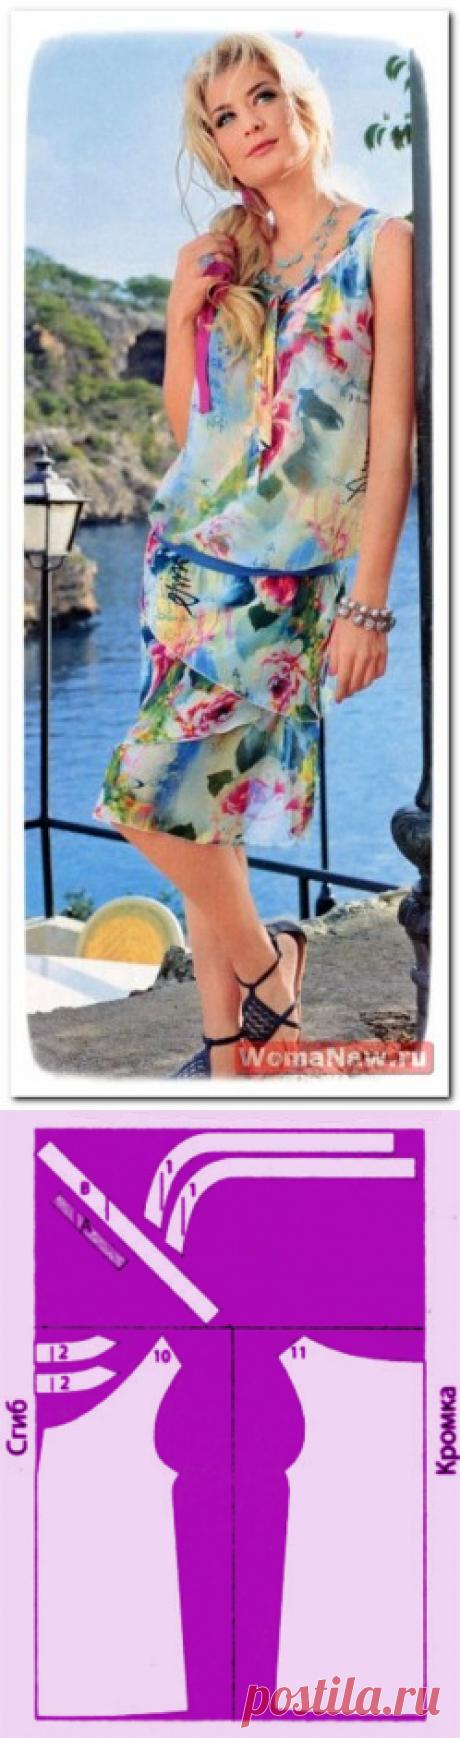 Бесплатная выкройка летней блузки | WomaNew.ru - уроки кройки и шитья